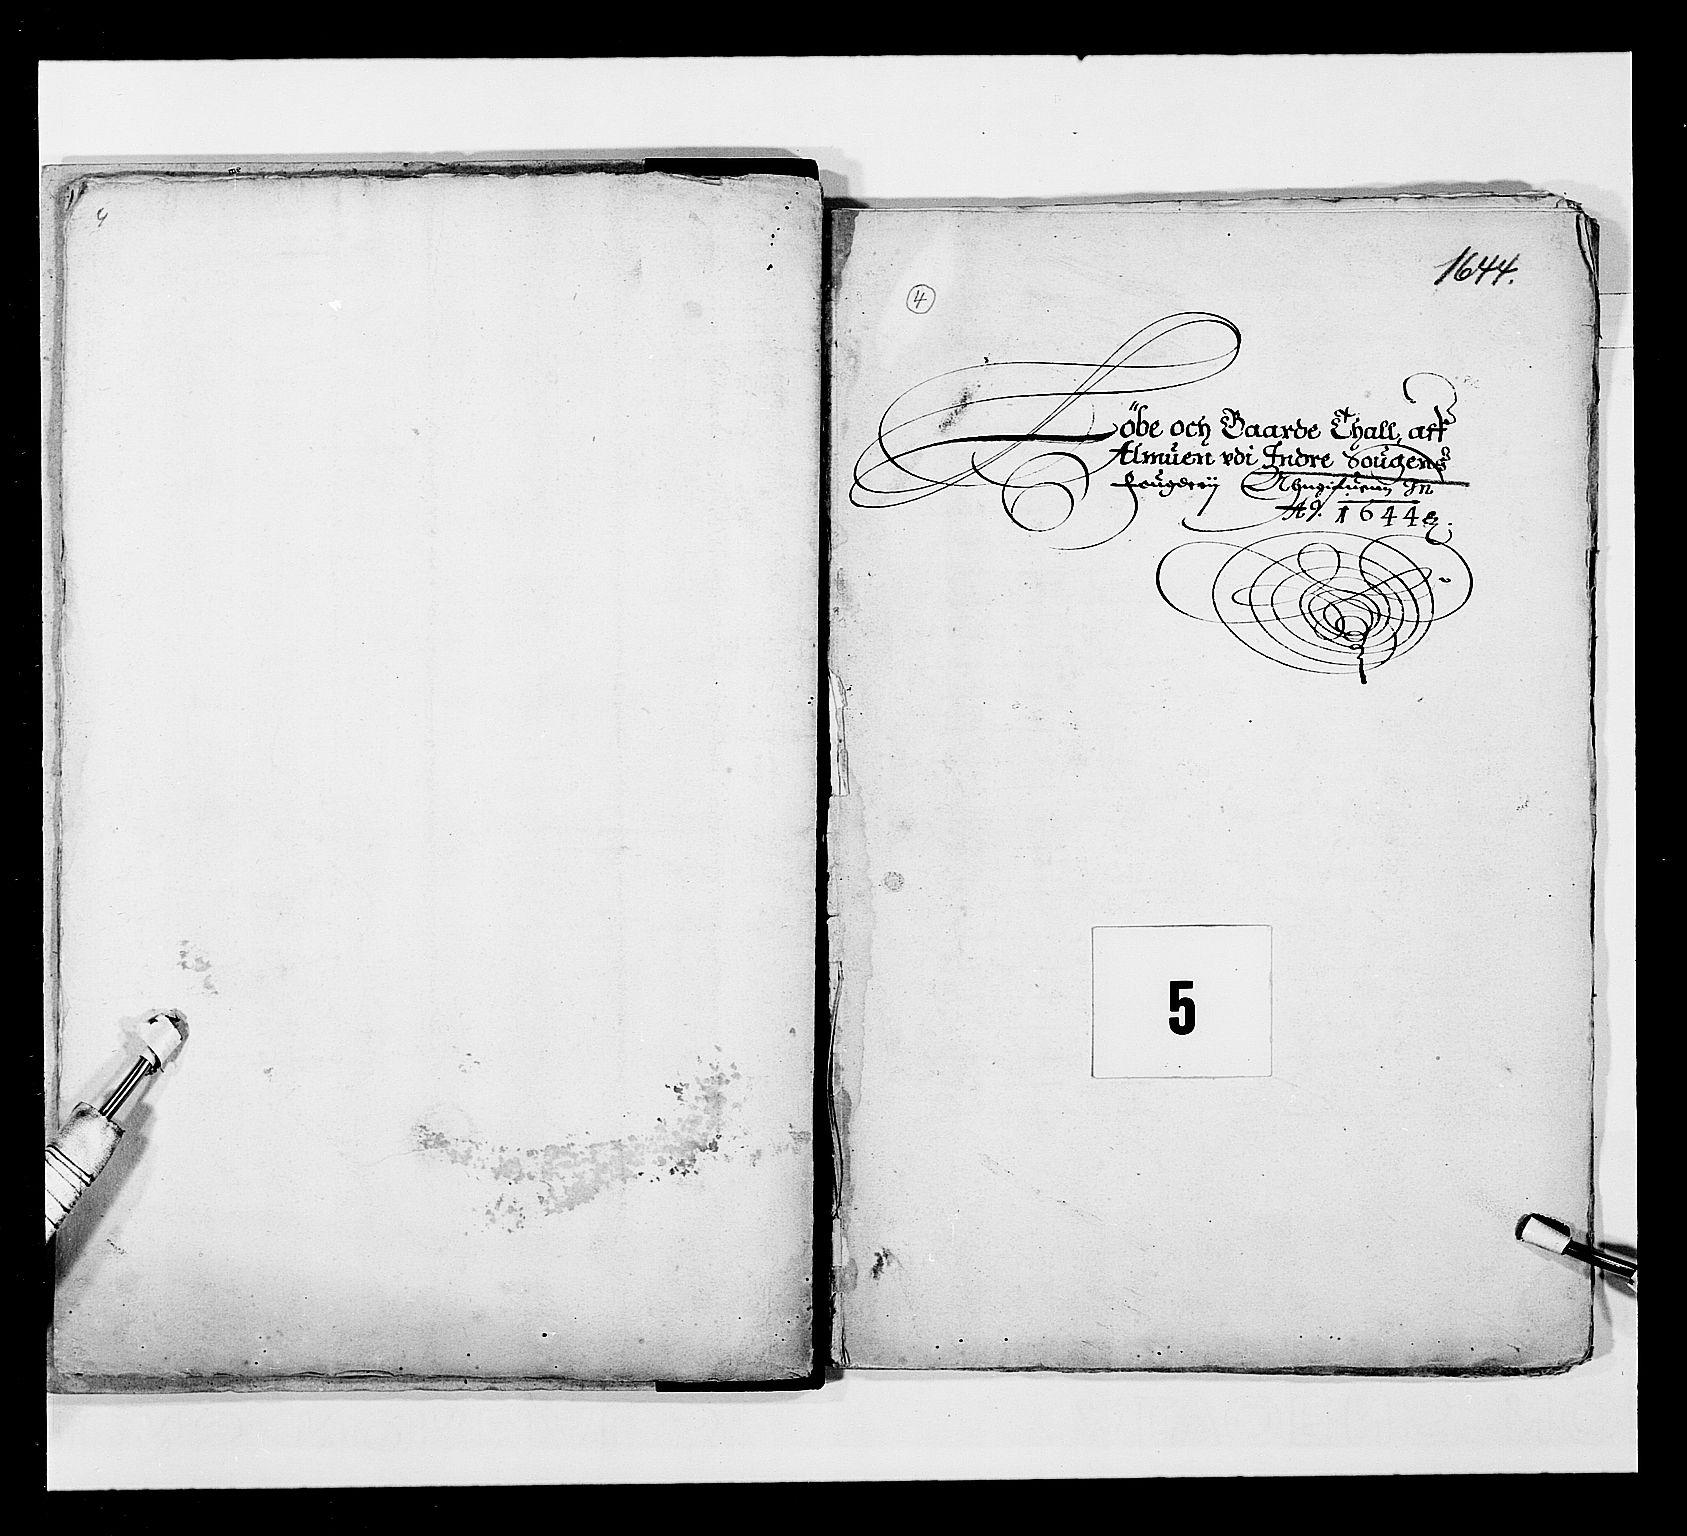 RA, Stattholderembetet 1572-1771, Ek/L0024: Jordebøker 1633-1658:, 1644, s. 32